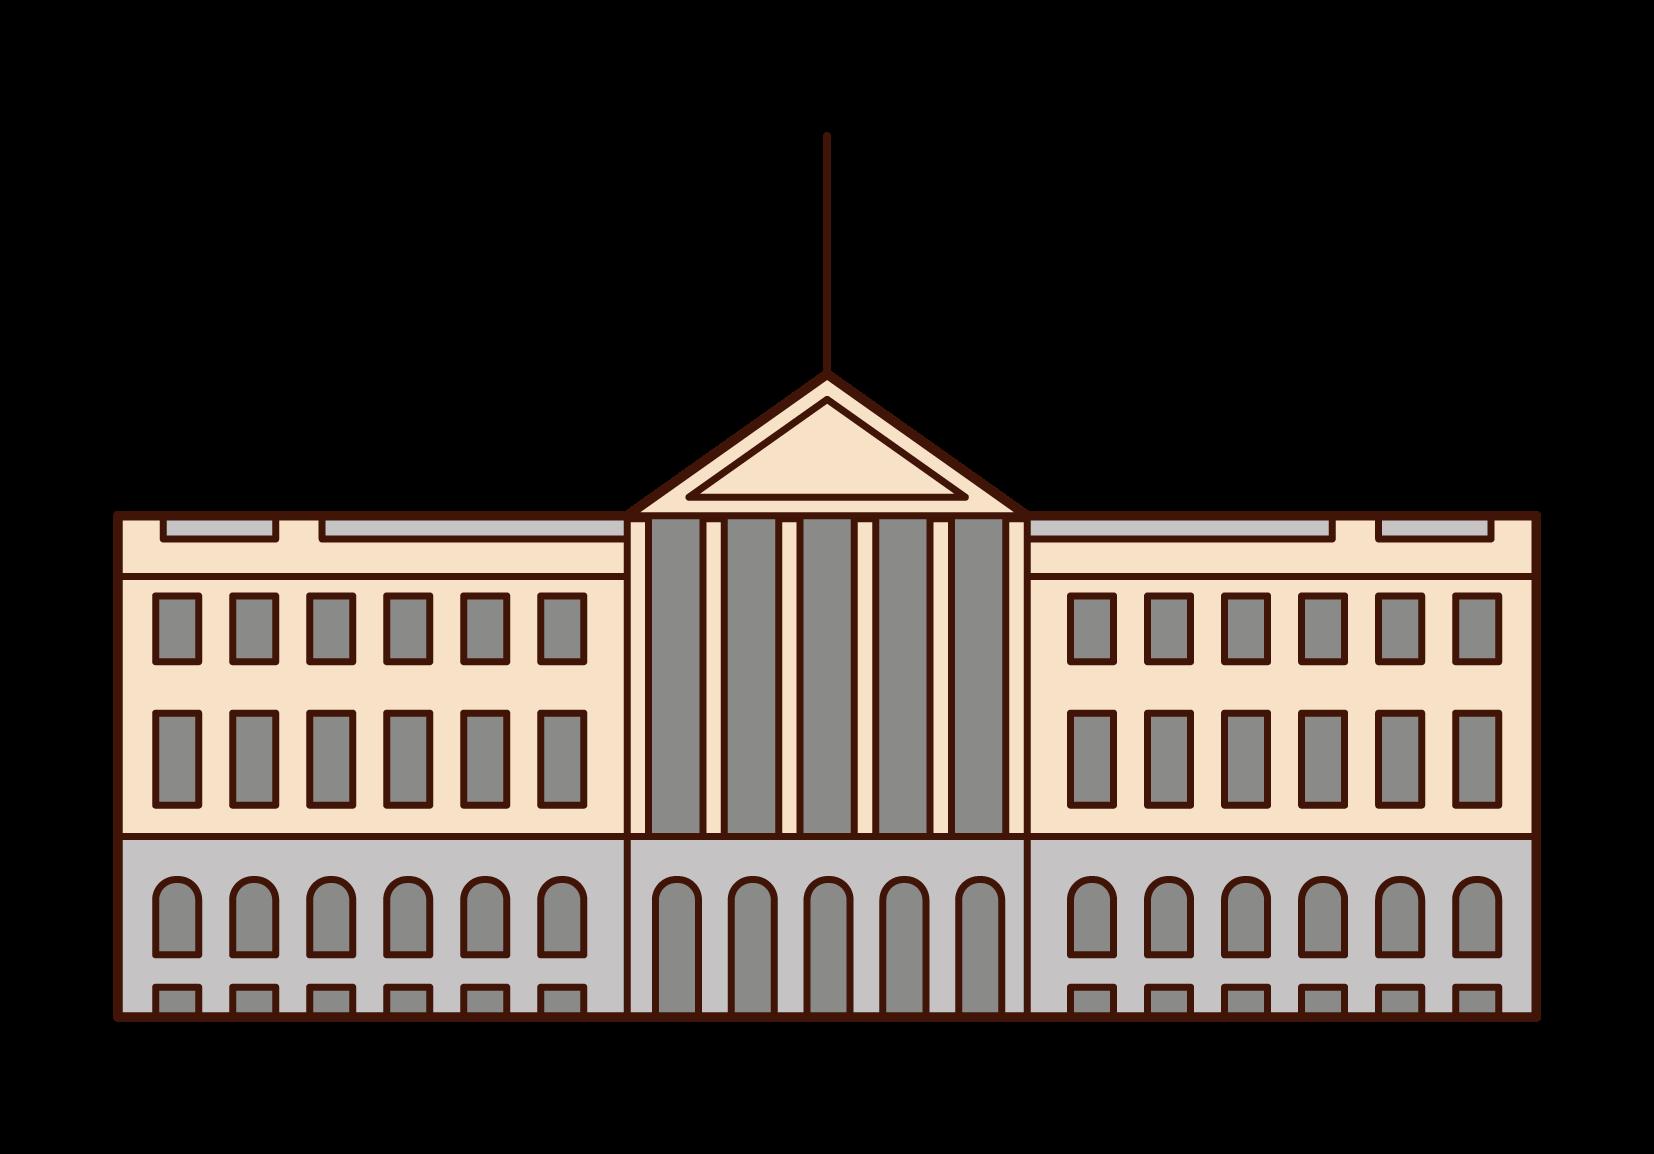 ノルウェー王宮のイラスト